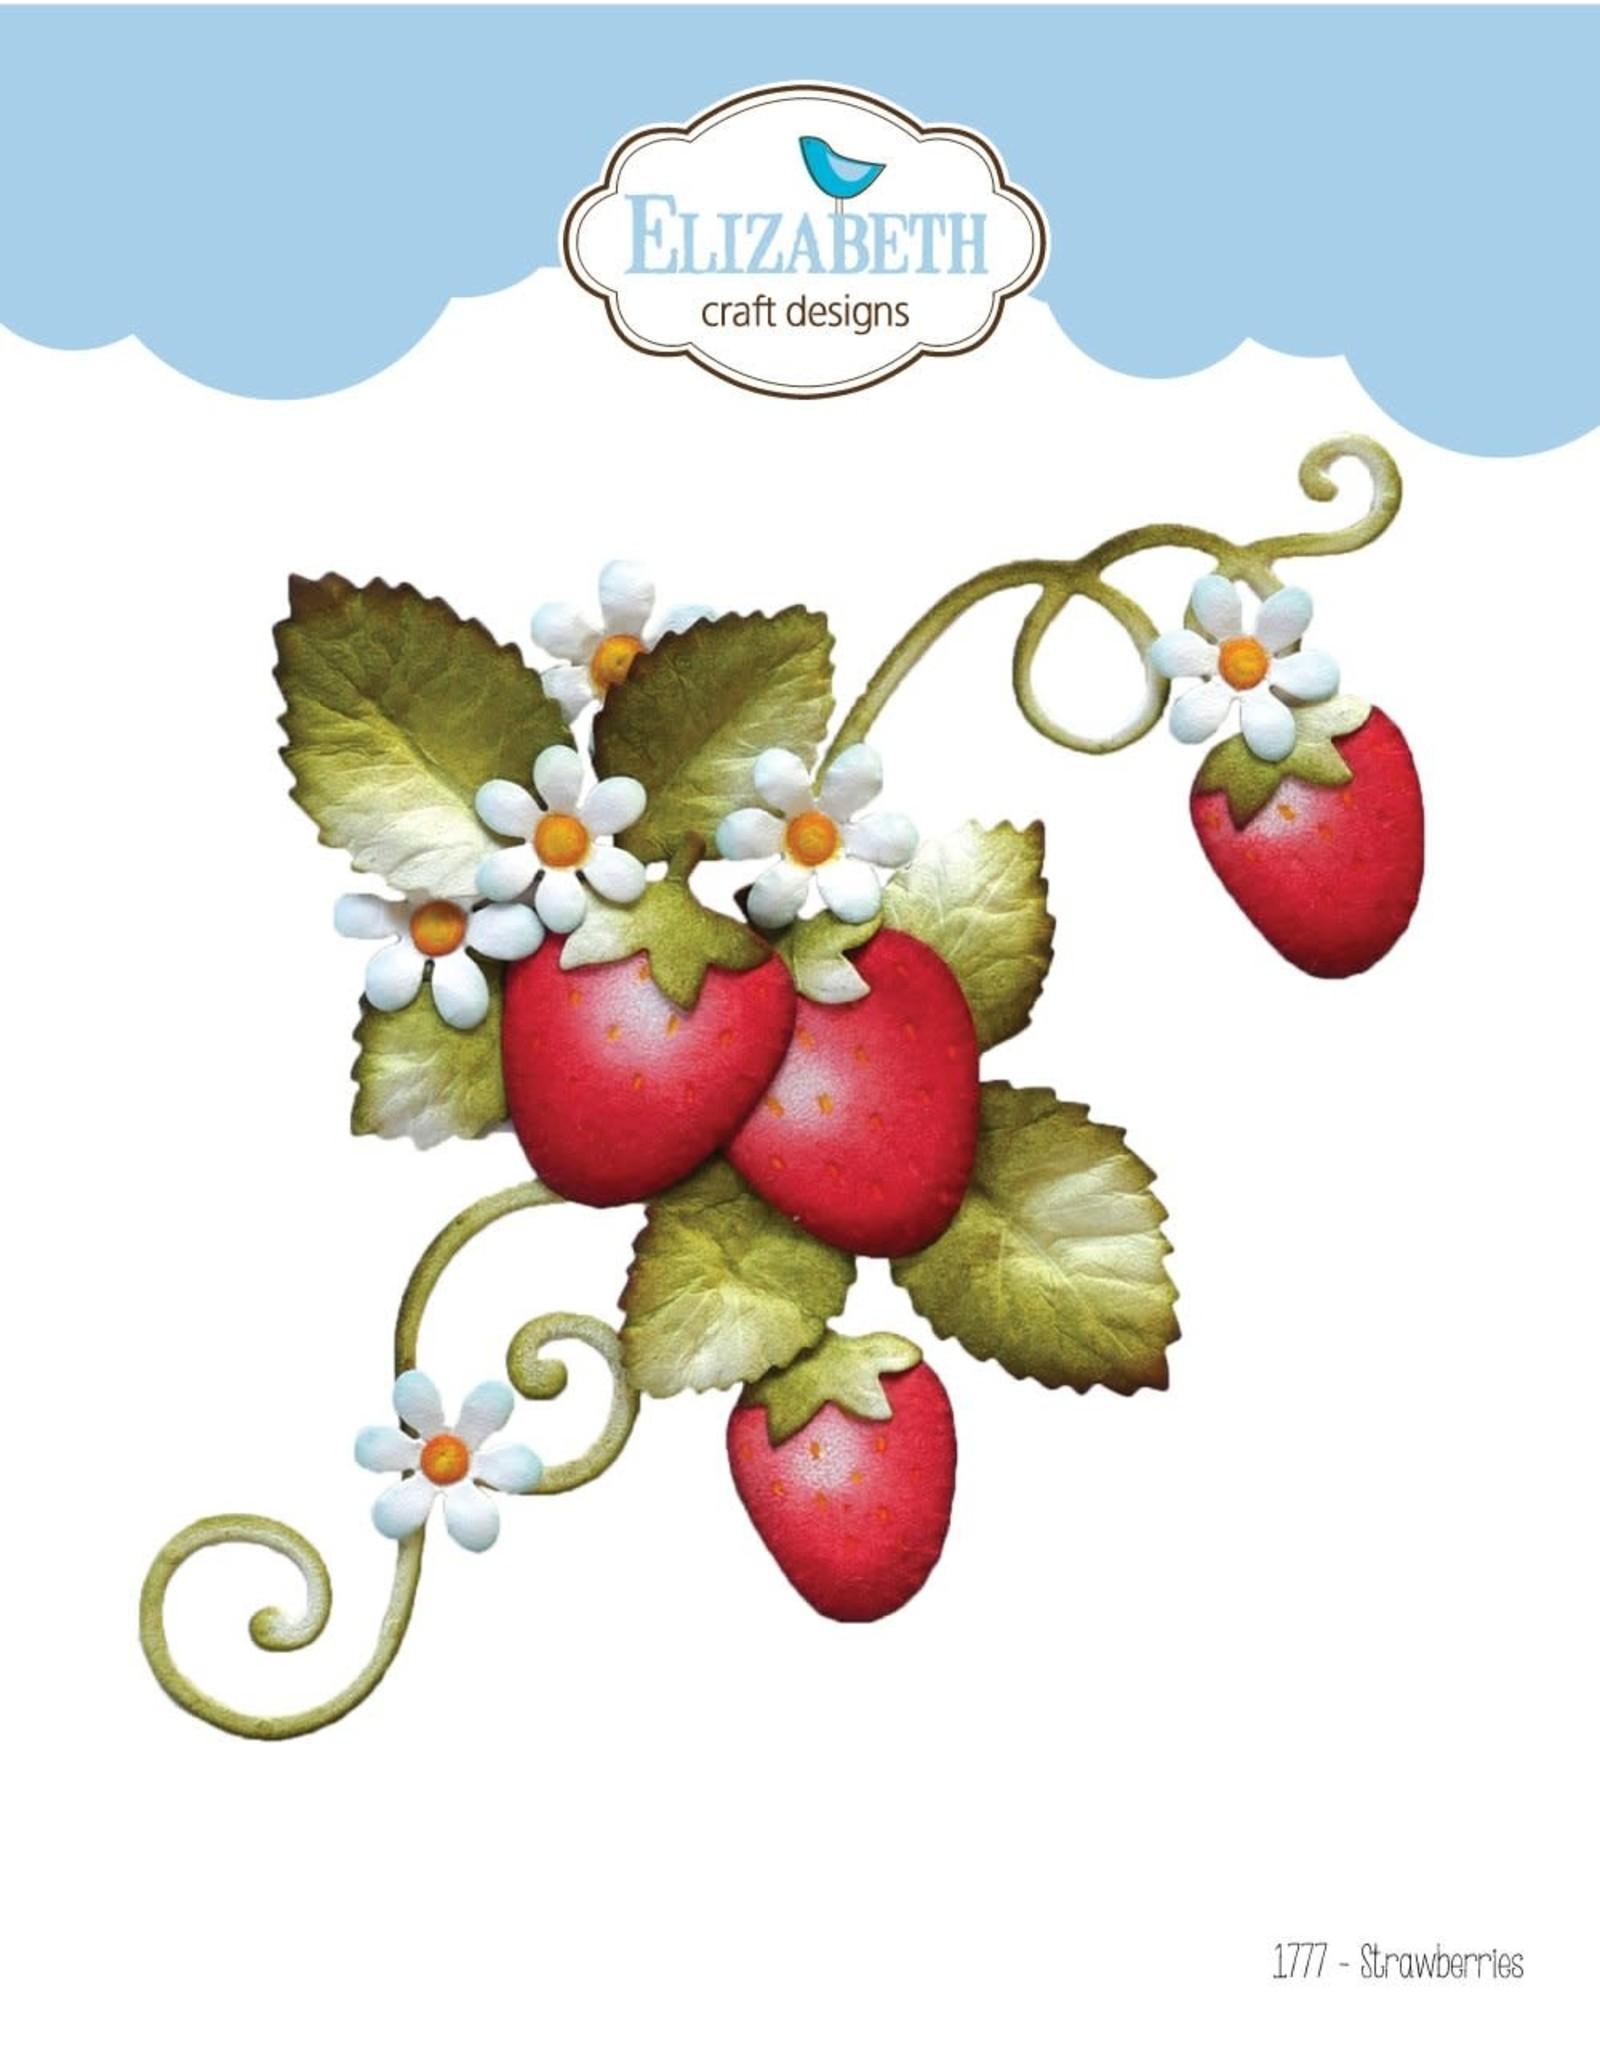 Elizabeth Craft Designs Elizabeth Craft Designs Strawberries 1777